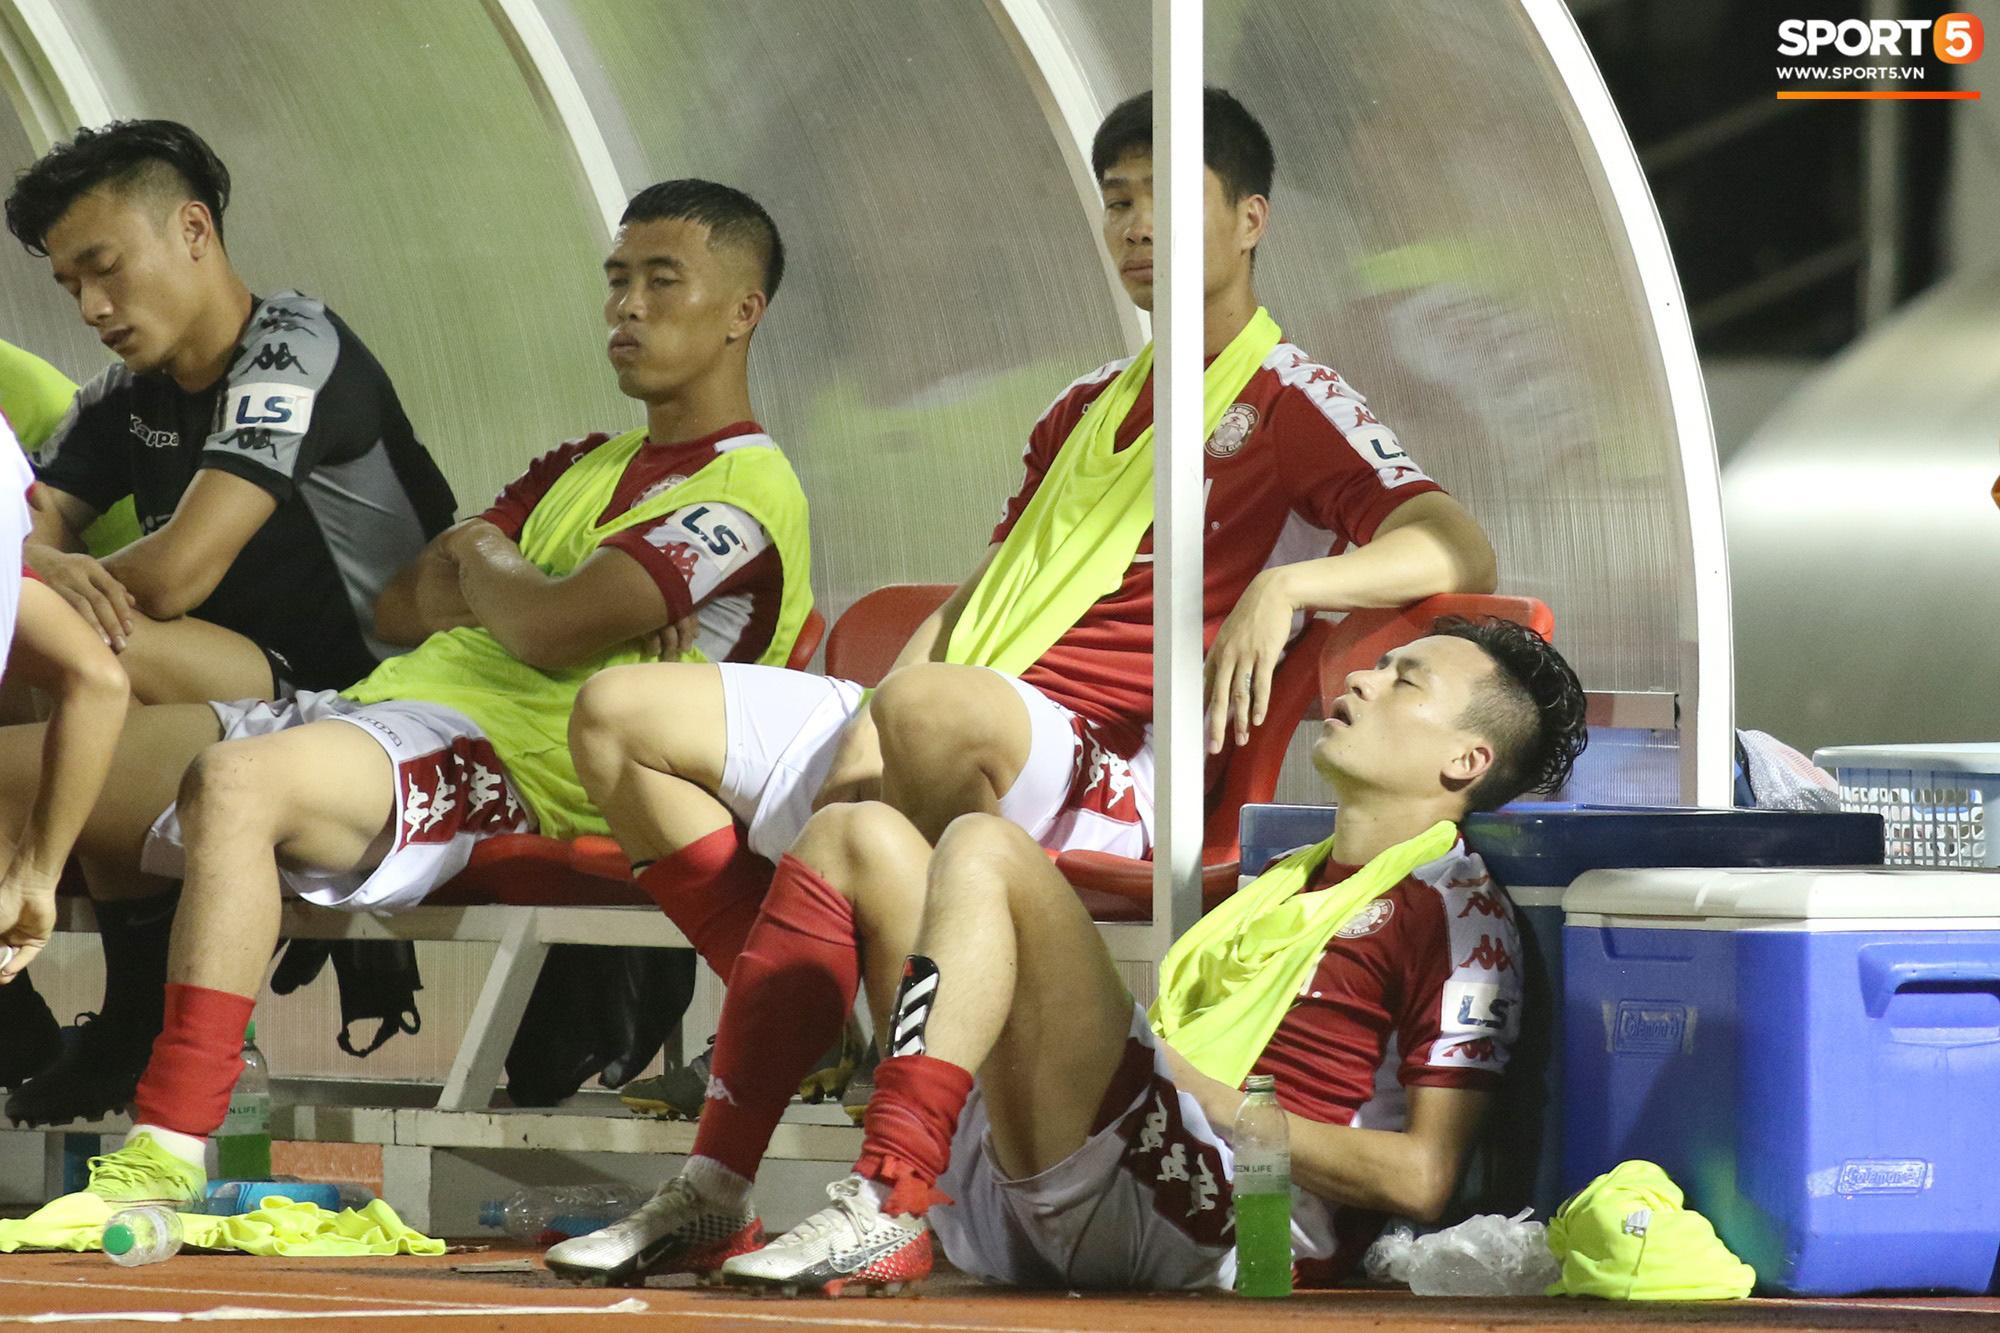 Thót tim với tình huống cựu tuyển thủ U23 Việt Nam nằm gục xuống sân ngay khi được thay ra - Ảnh 6.